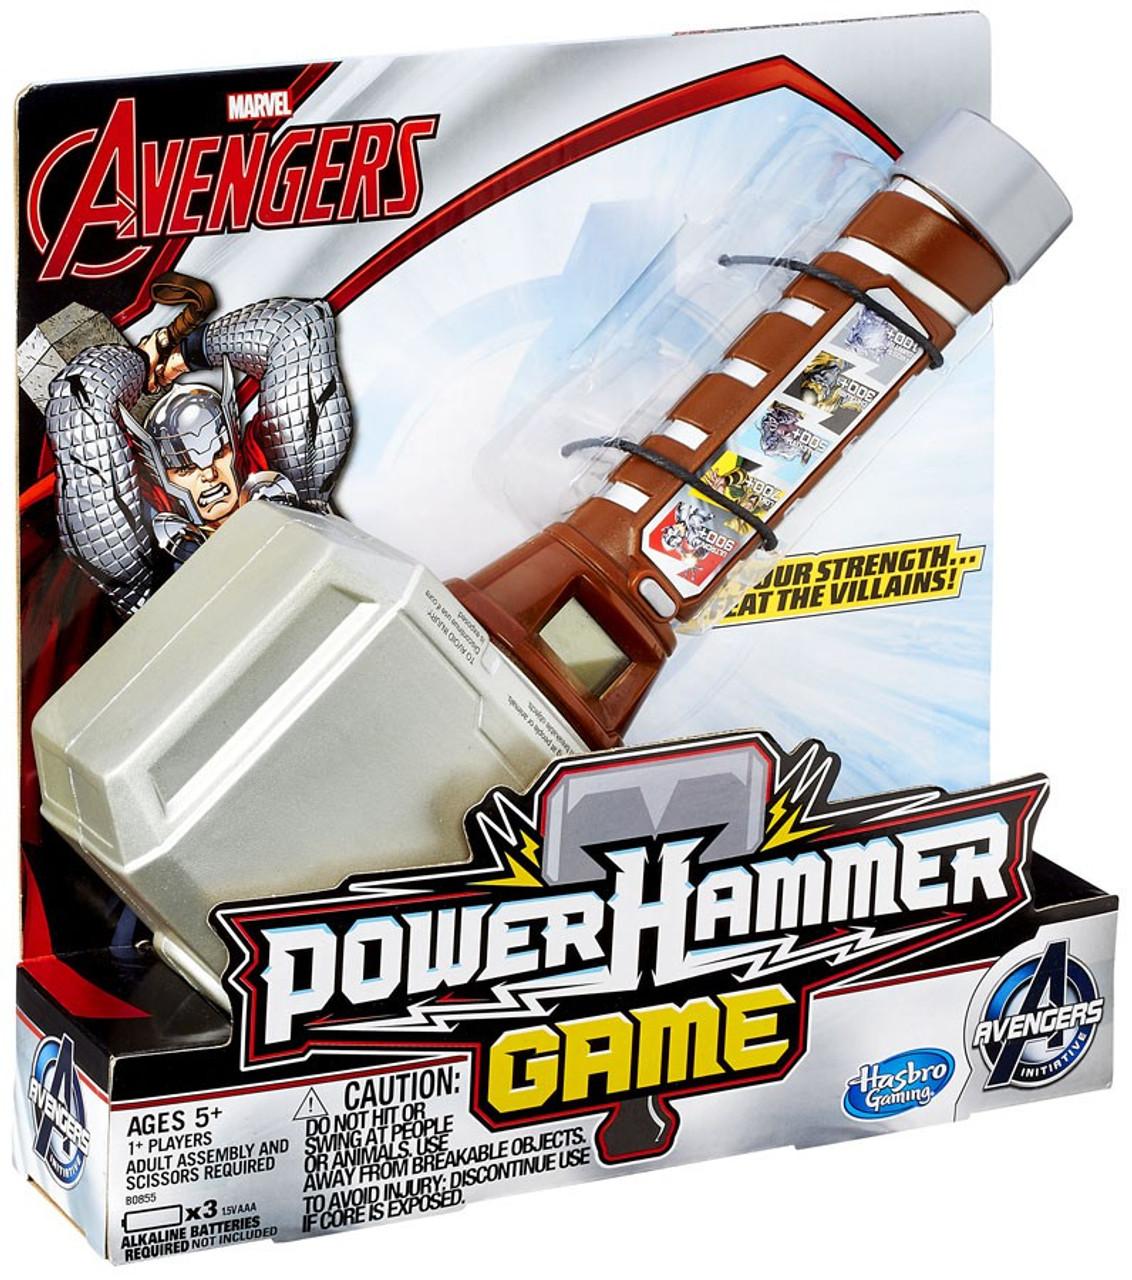 hammer of thor gel english übersetzer.jpg